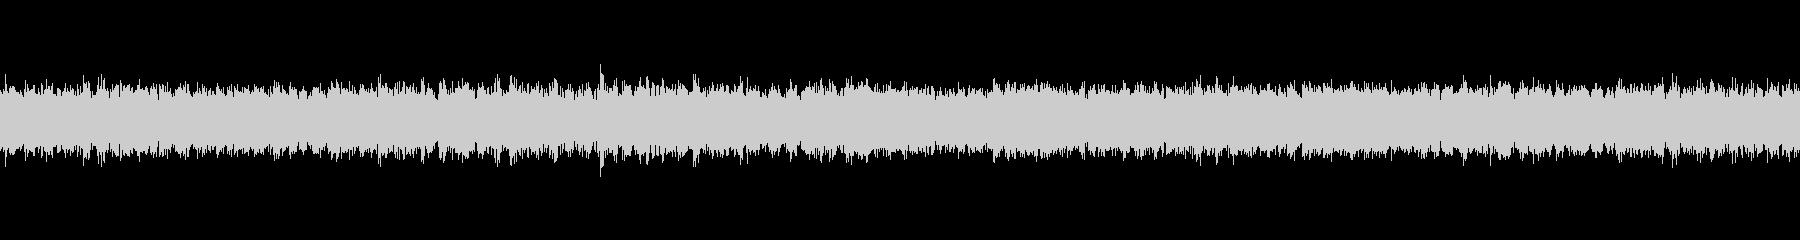 【生録音】ループで使える秋の虫の声 5の未再生の波形